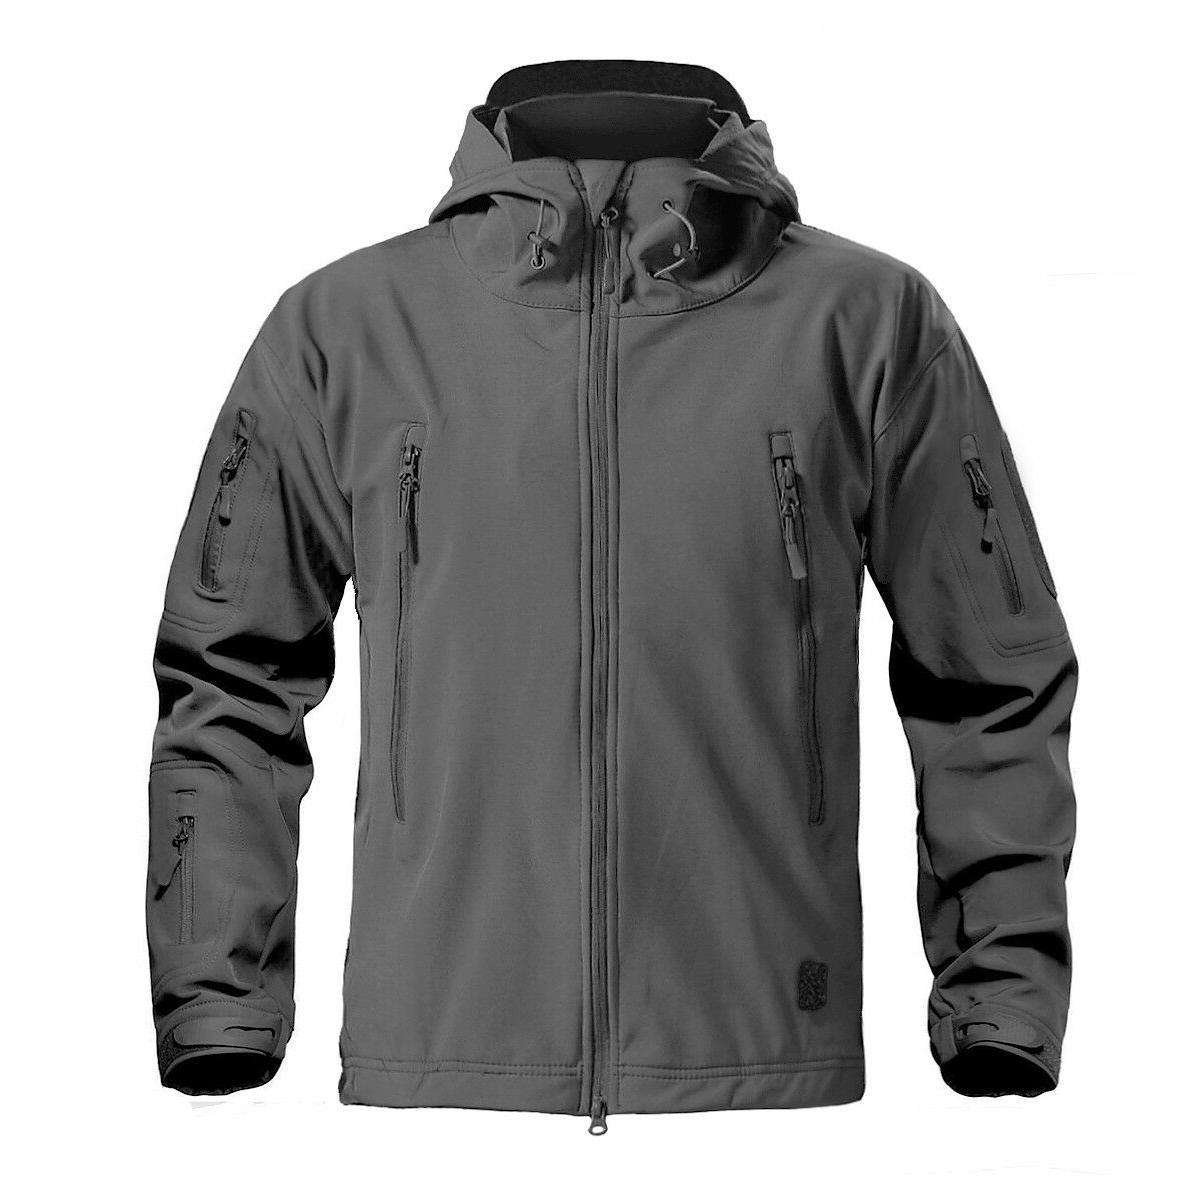 TACVASEN Jackets Coats Tactical